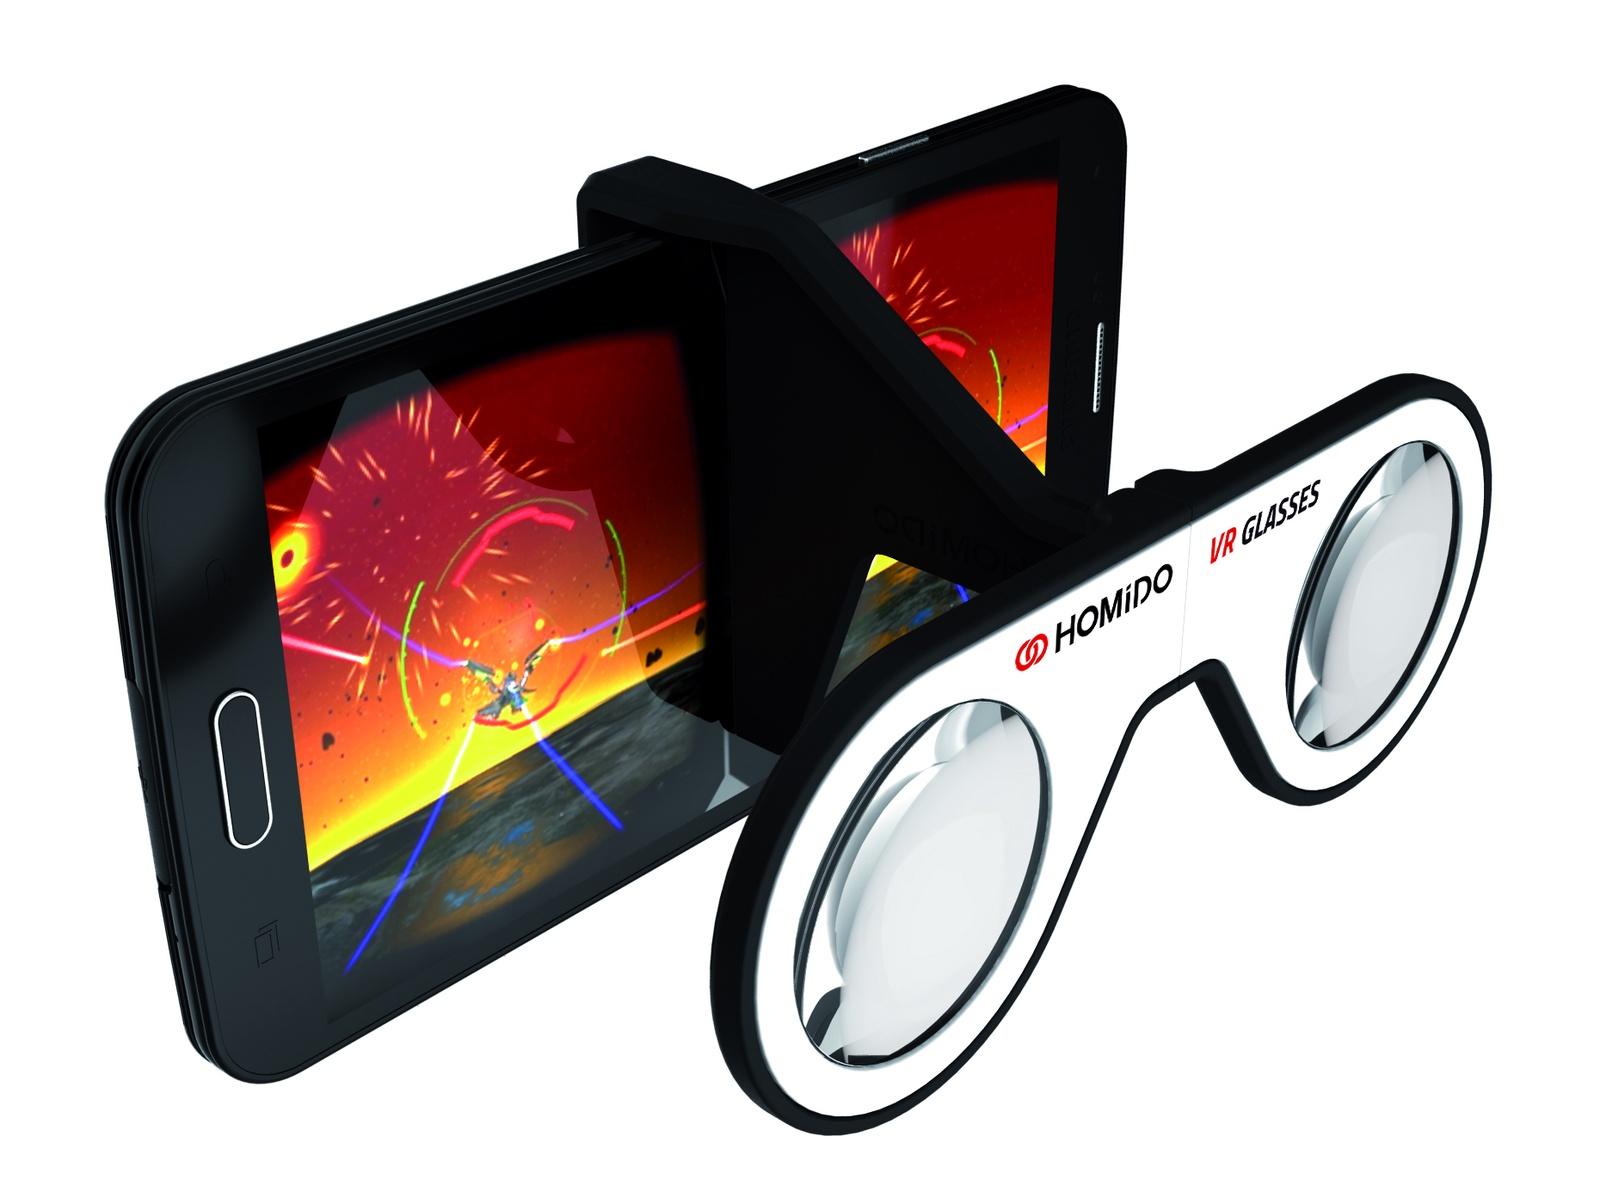 лучшая цена Очки виртуальной реальноcти для смартфонов Homido mini, HMD-mini